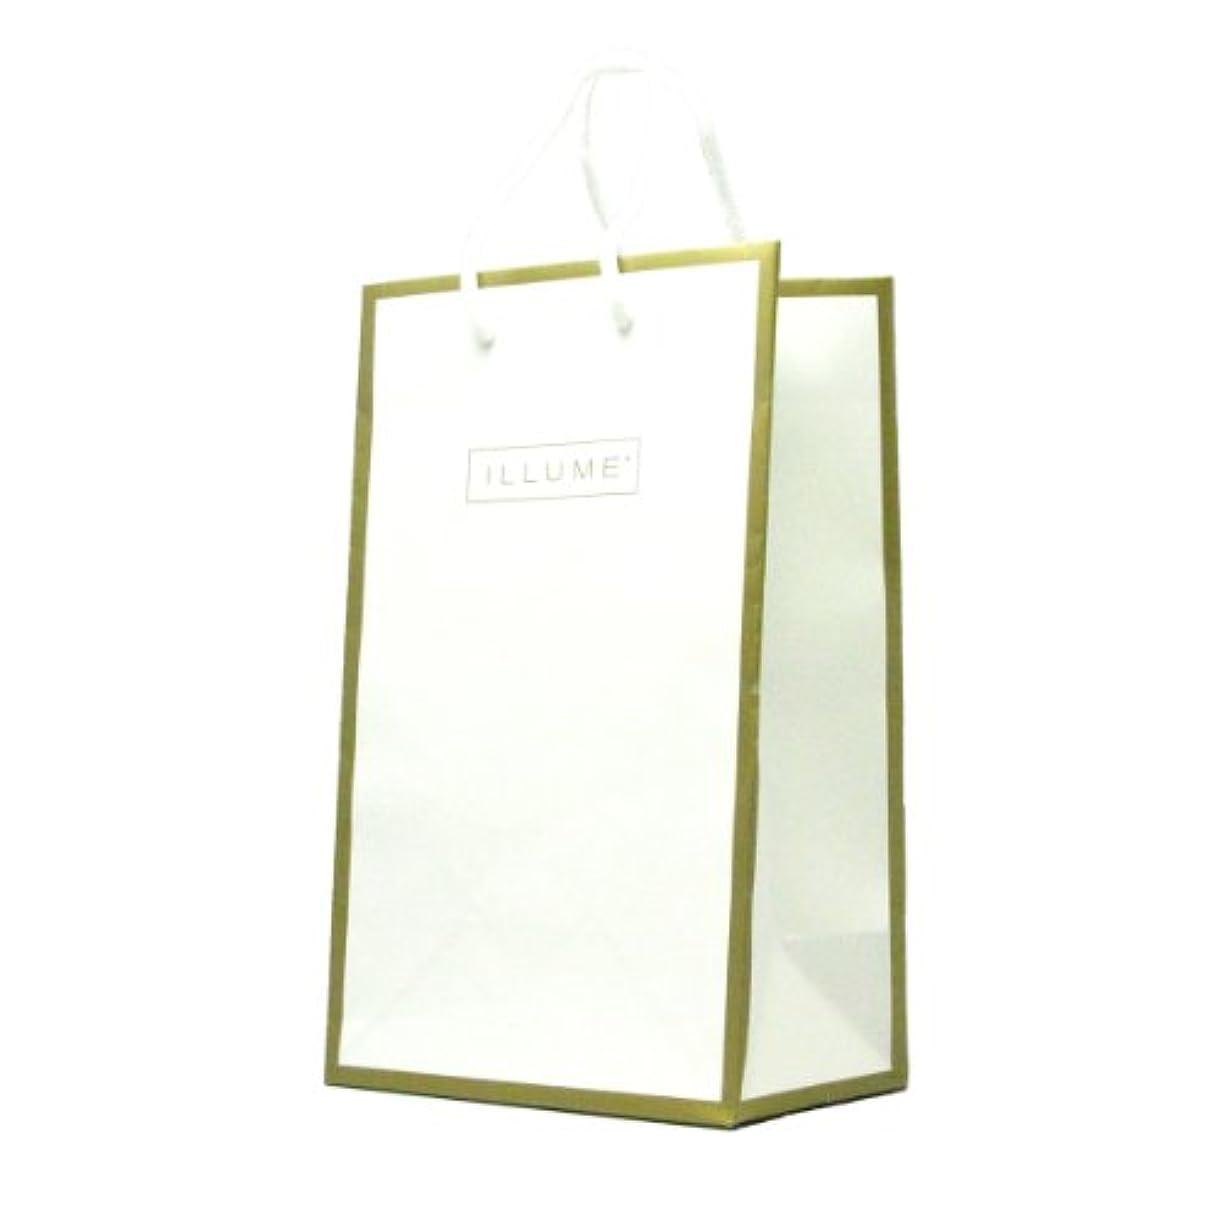 シード季節不安定イリューム(ILLUME) ギフトバッグ(Gift Bag) (ILLUMEギフトバッグ)